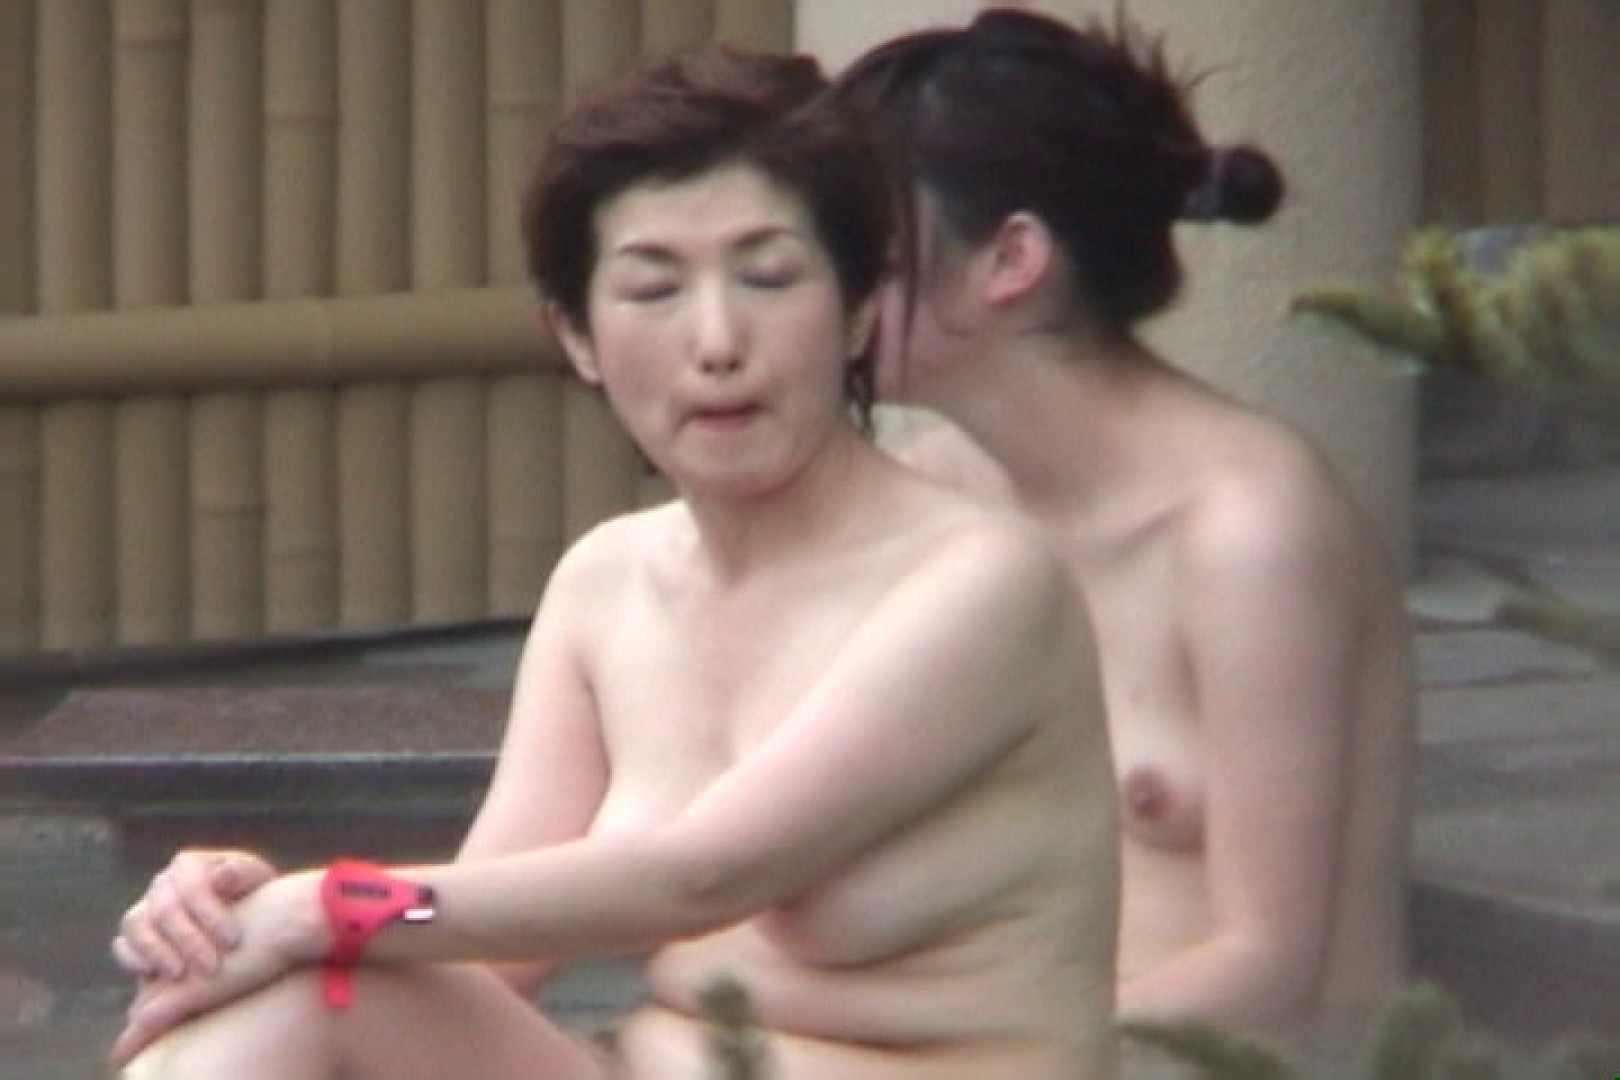 Aquaな露天風呂Vol.44【VIP限定】 盗撮動画  9枚 2